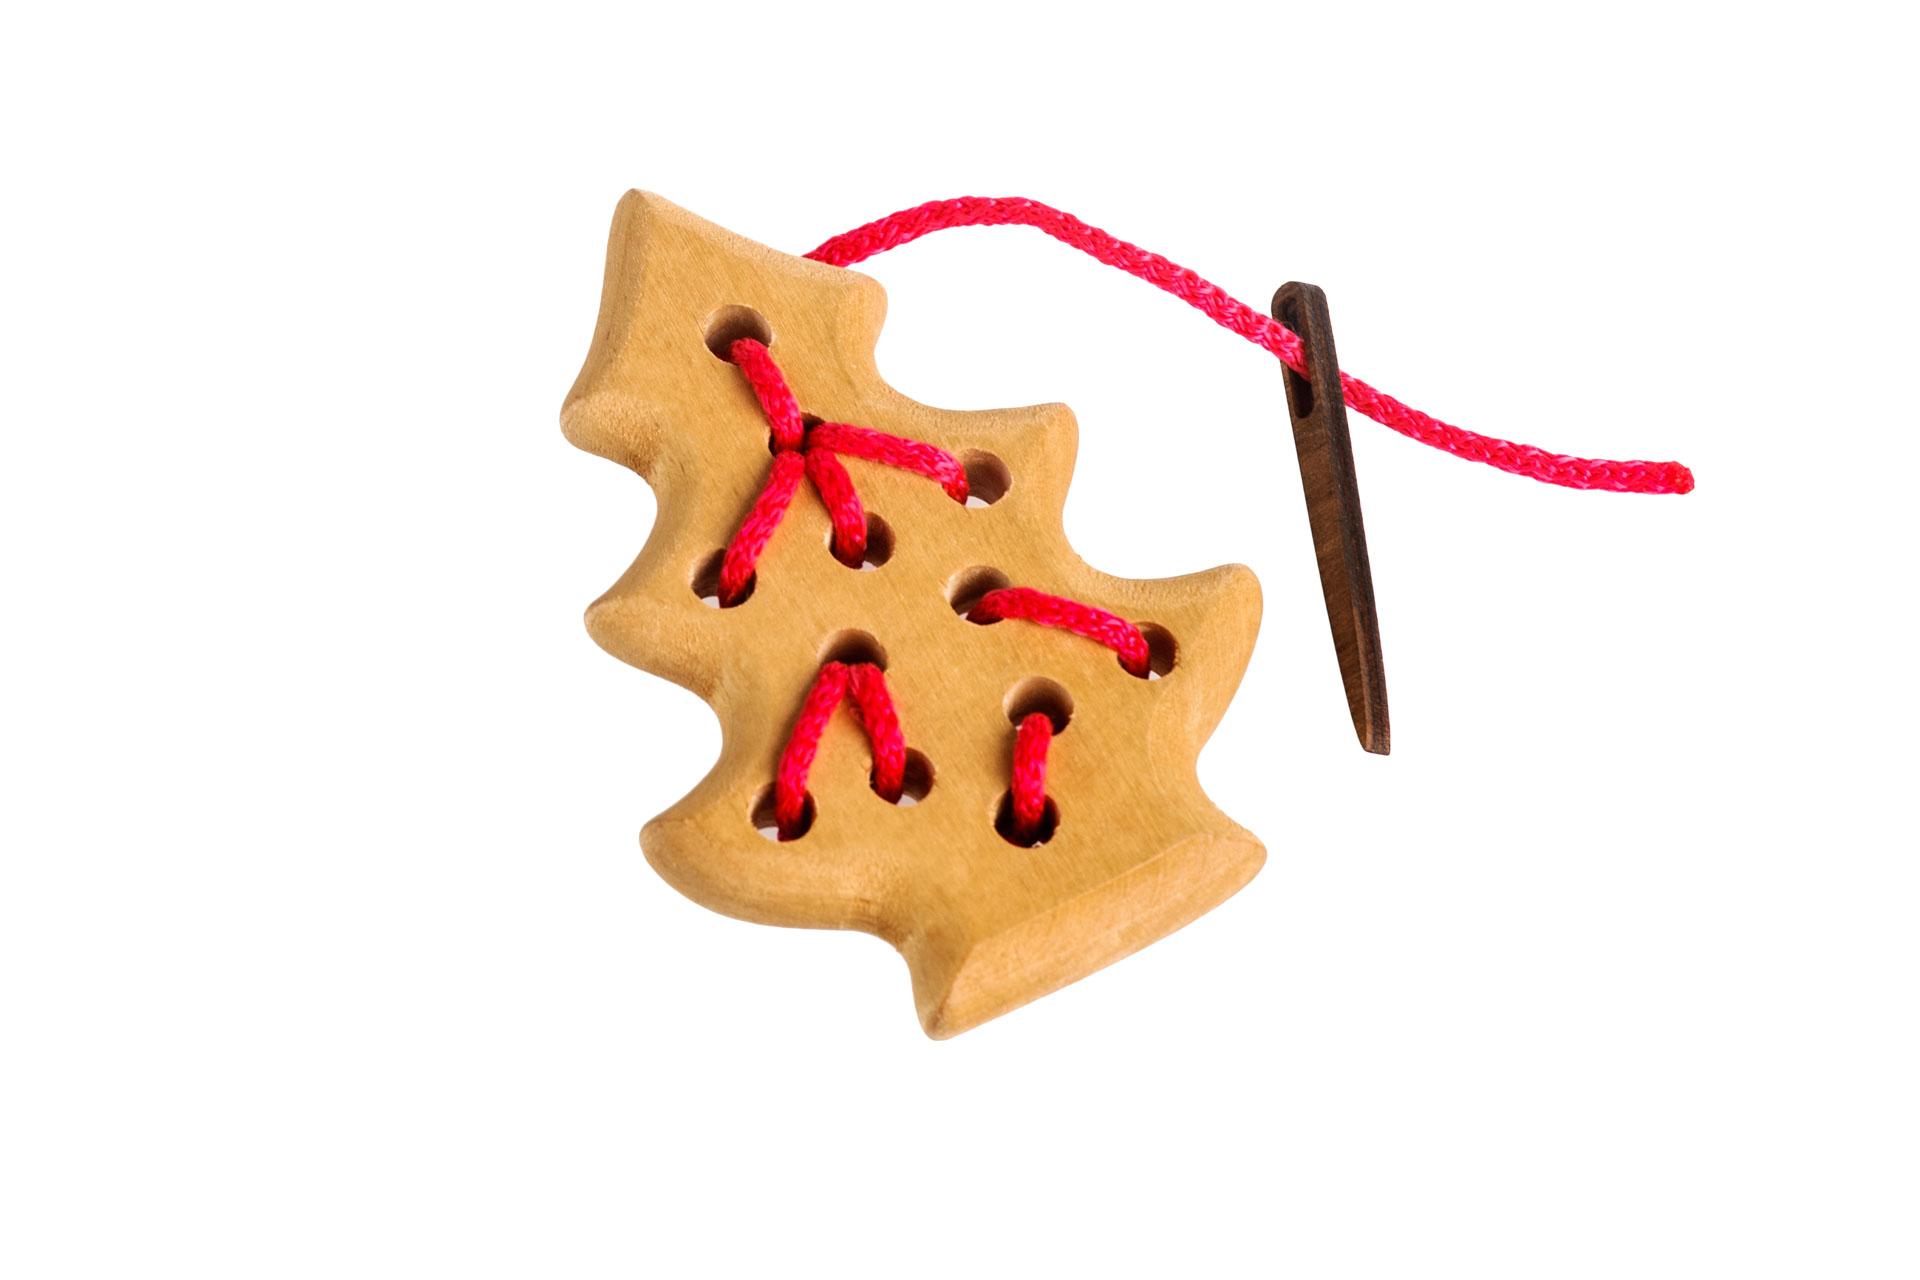 Томик Шнуровка Елочка611-4Забавная шнуровка для раннего развития Вашего ребенка. 100% натуральные материалы, непередаваемый запах дерева